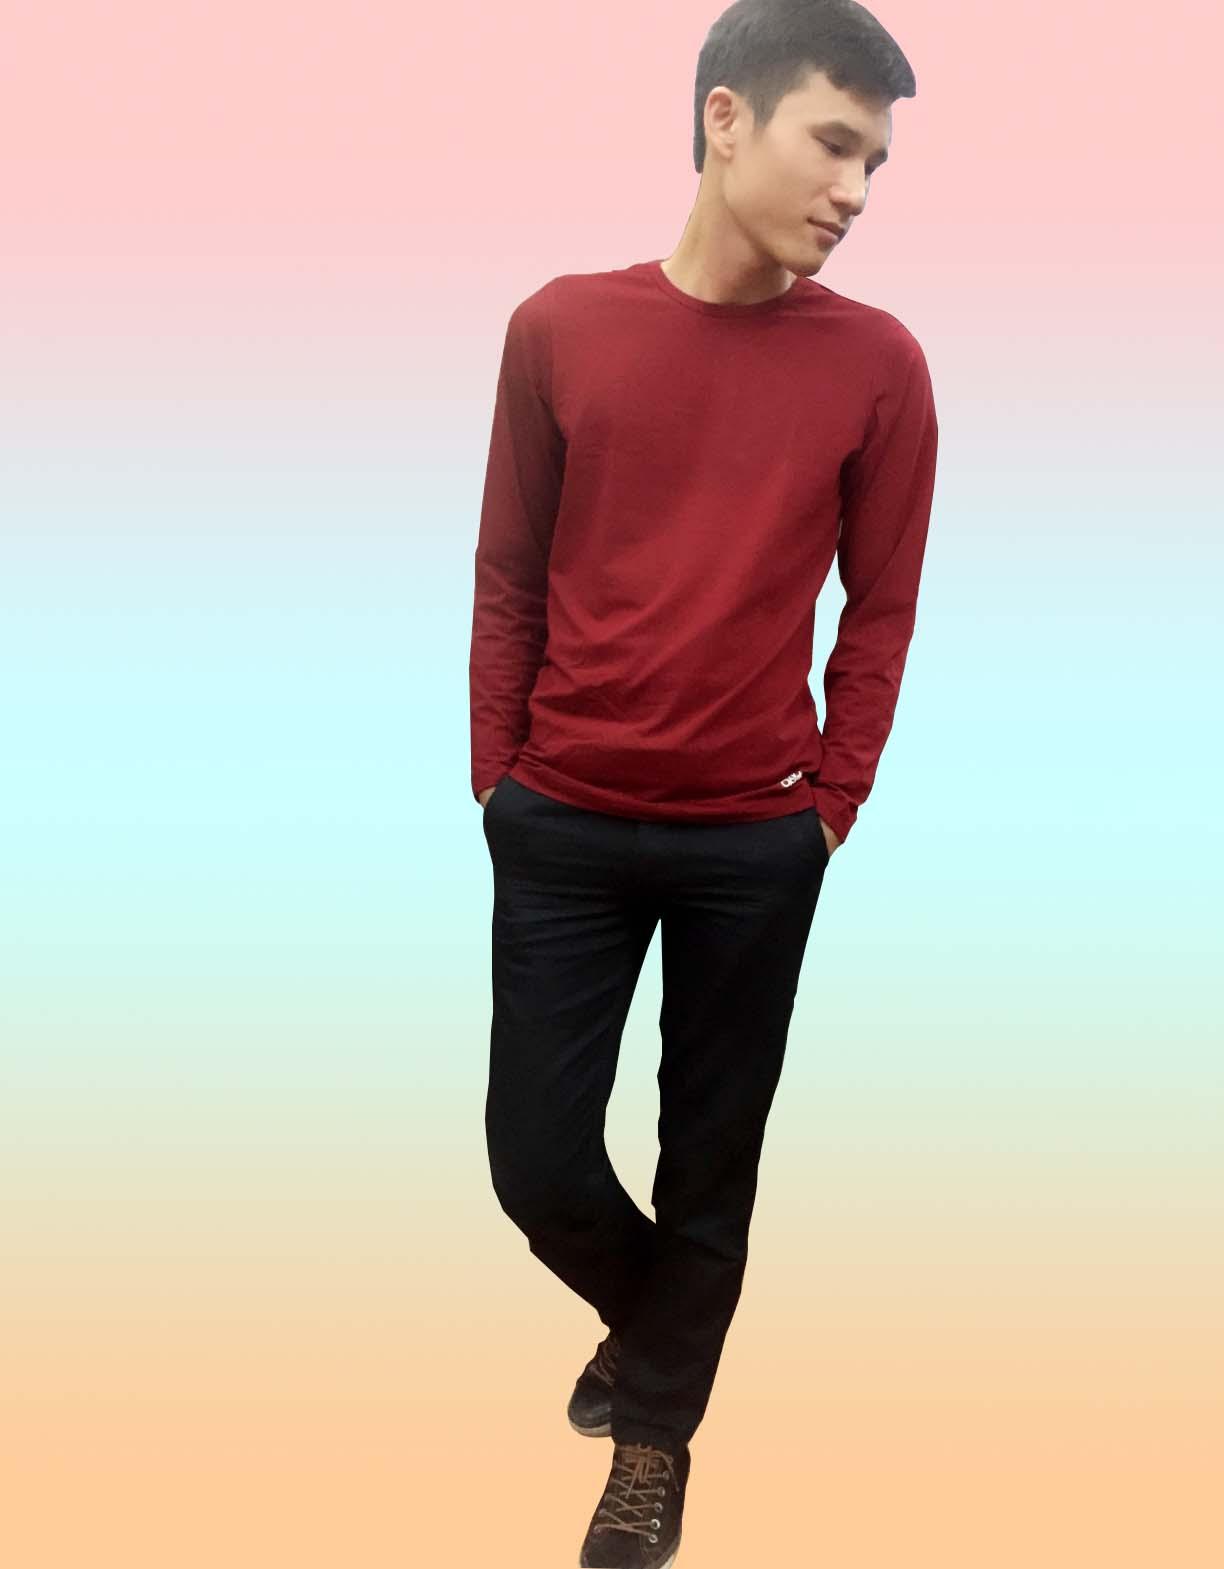 Áo giữ nhiệt cho nam cổ tròn màu đỏ đun